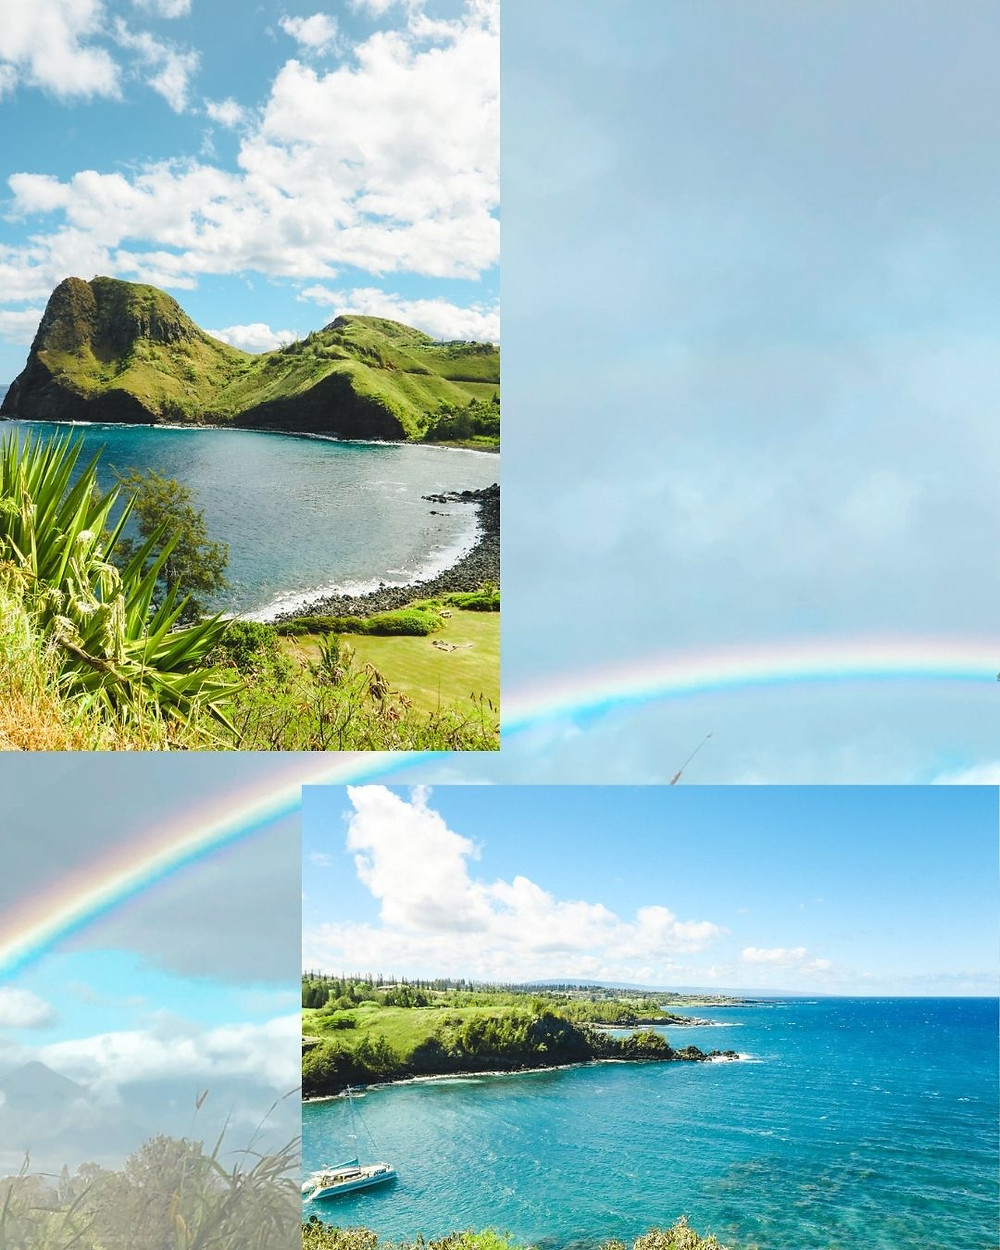 マウイ島旅行、おススメ観光スポット、カパルア